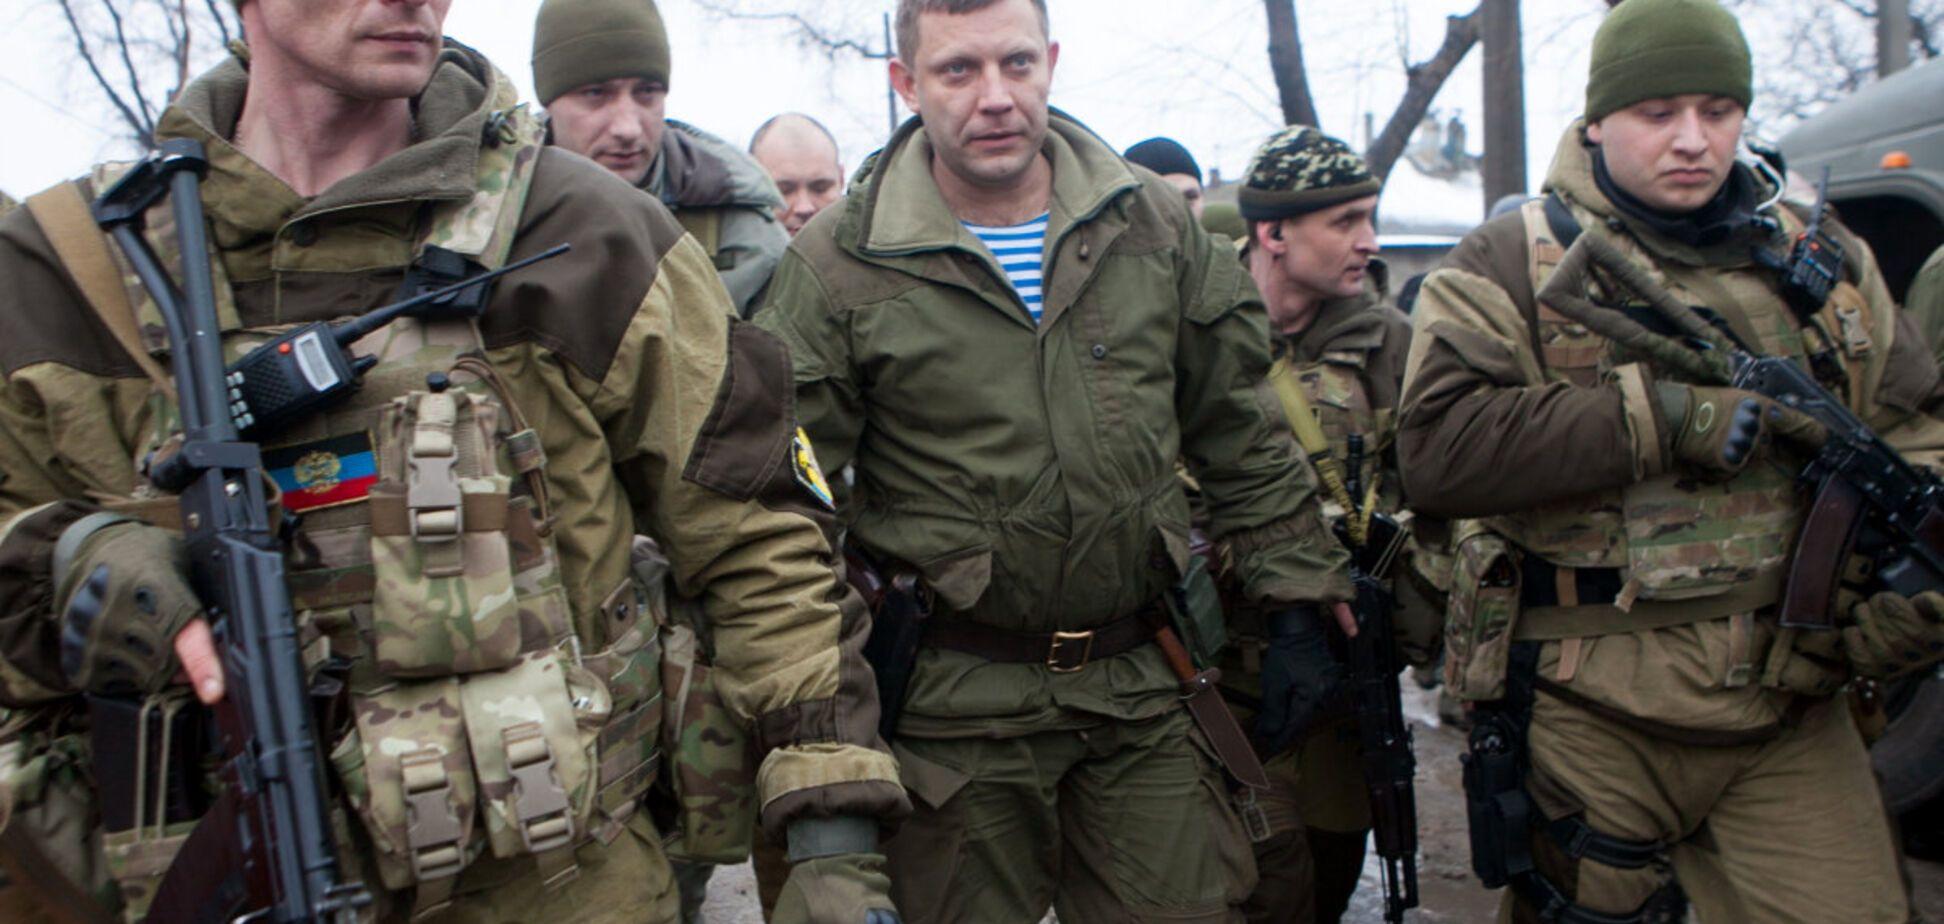 Реки крови: военный эксперт оценил дерзкие угрозы экс-главаря 'ДНР'